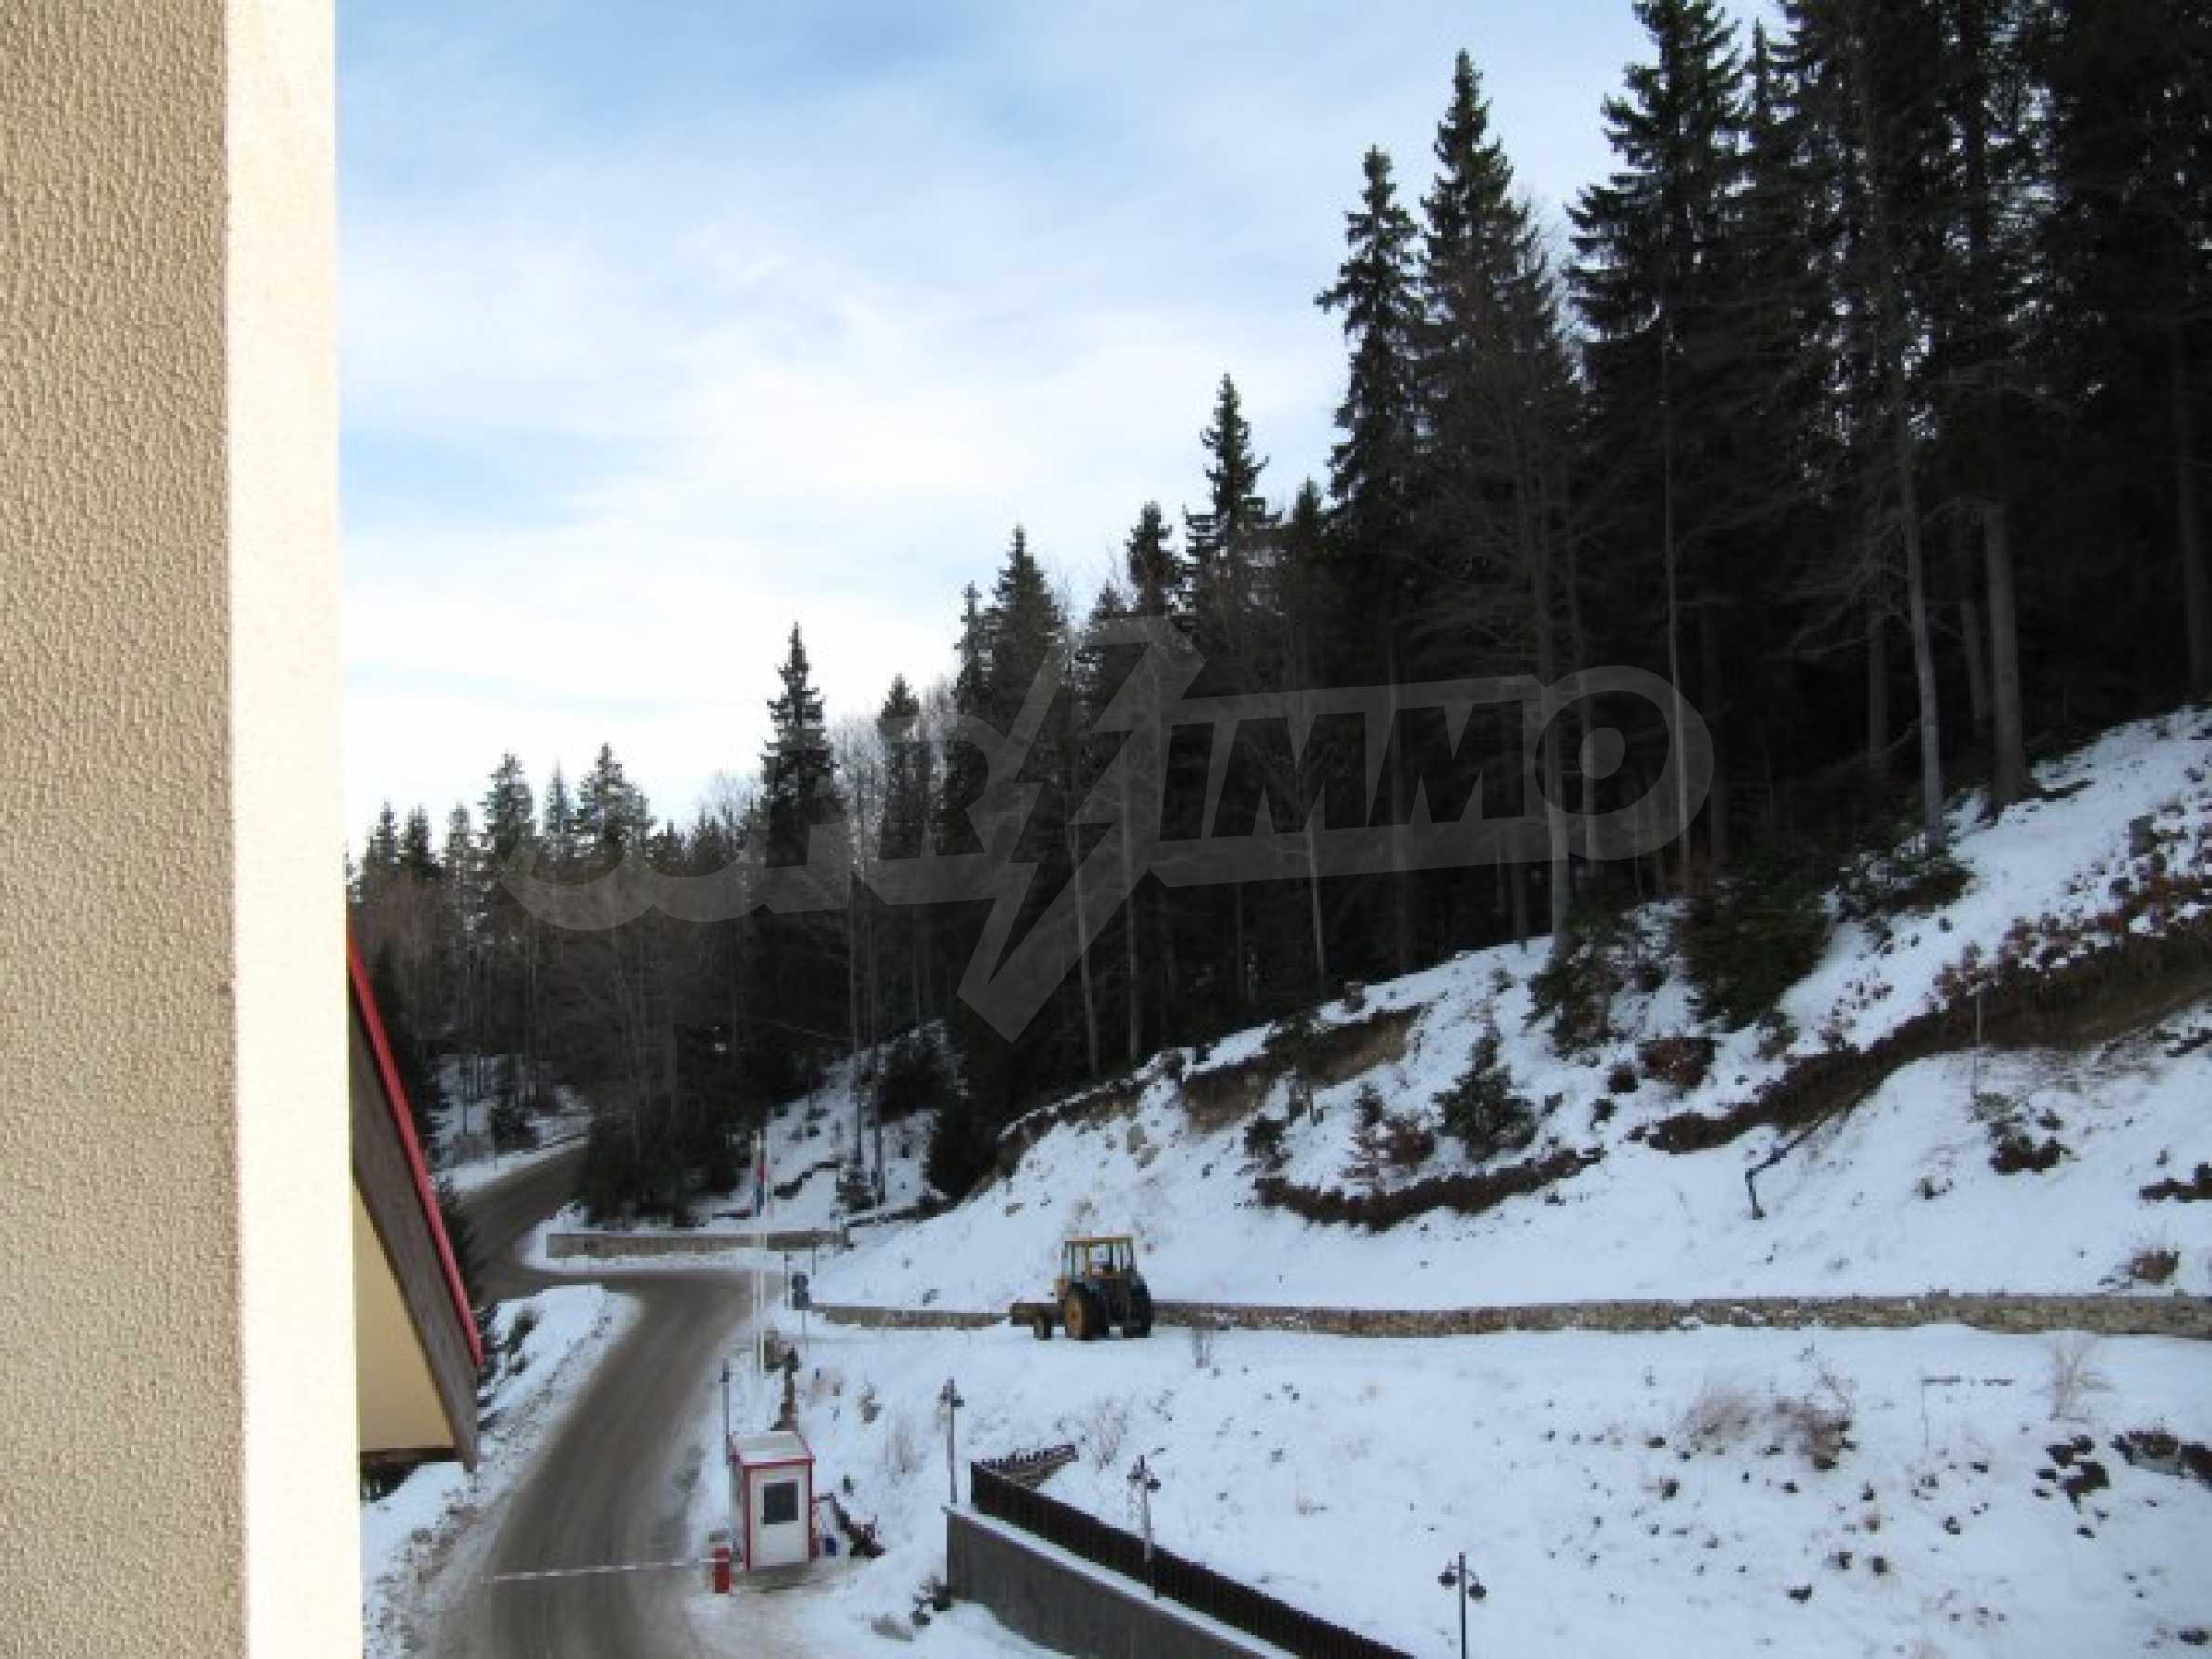 Трехкомнатная квартира на продажу в горнолыжном курорте Пампорово 19